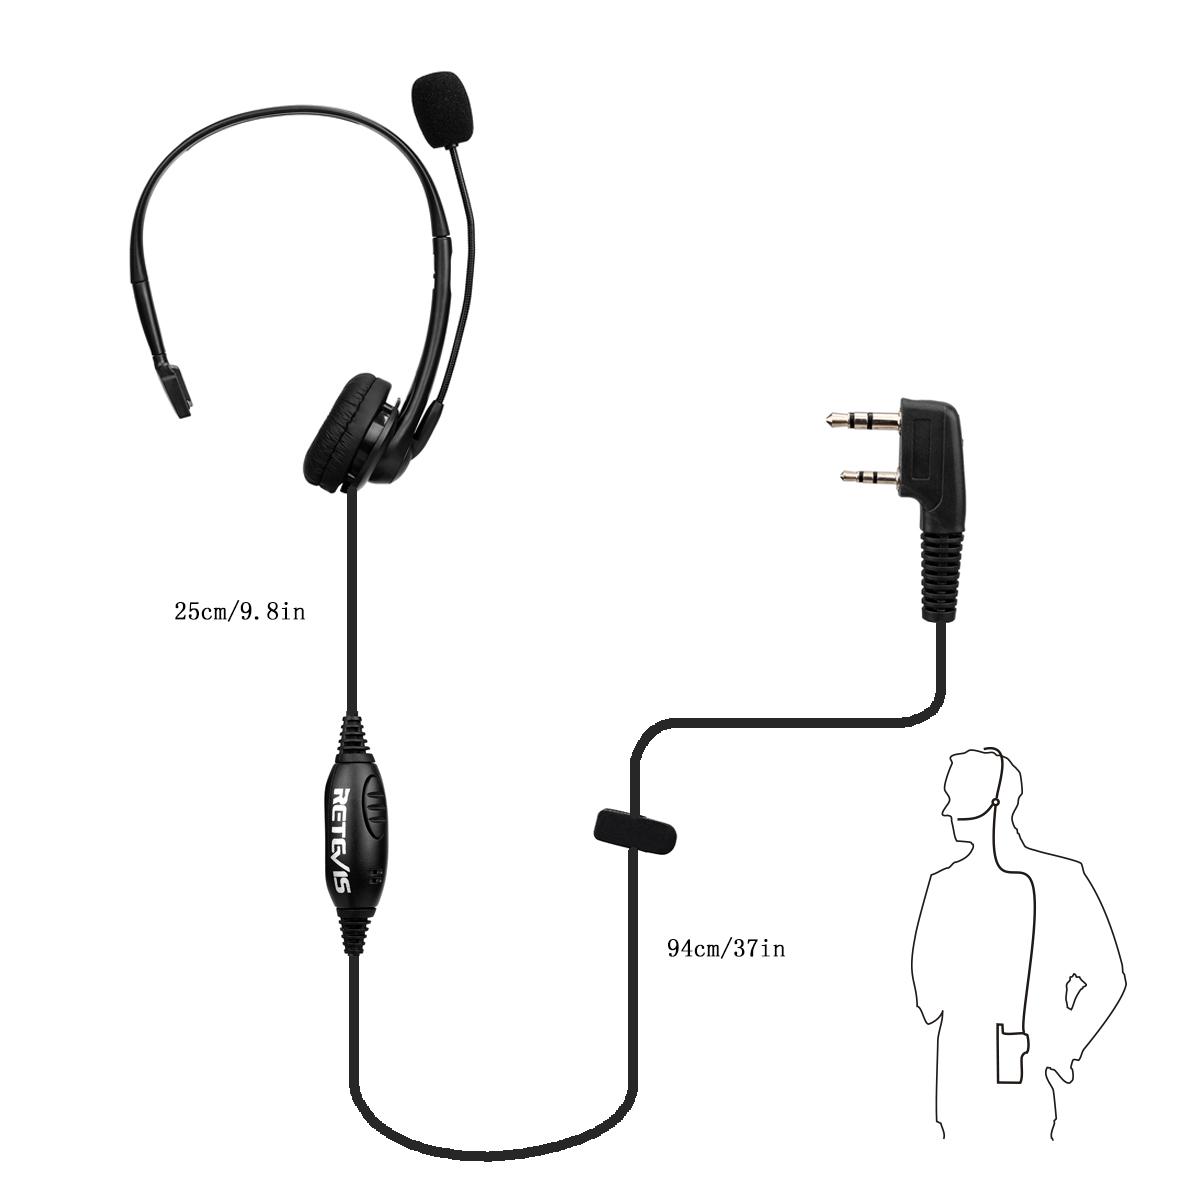 Retevis 2 Pin Ptt Mic Headphone Headset For Kenwood